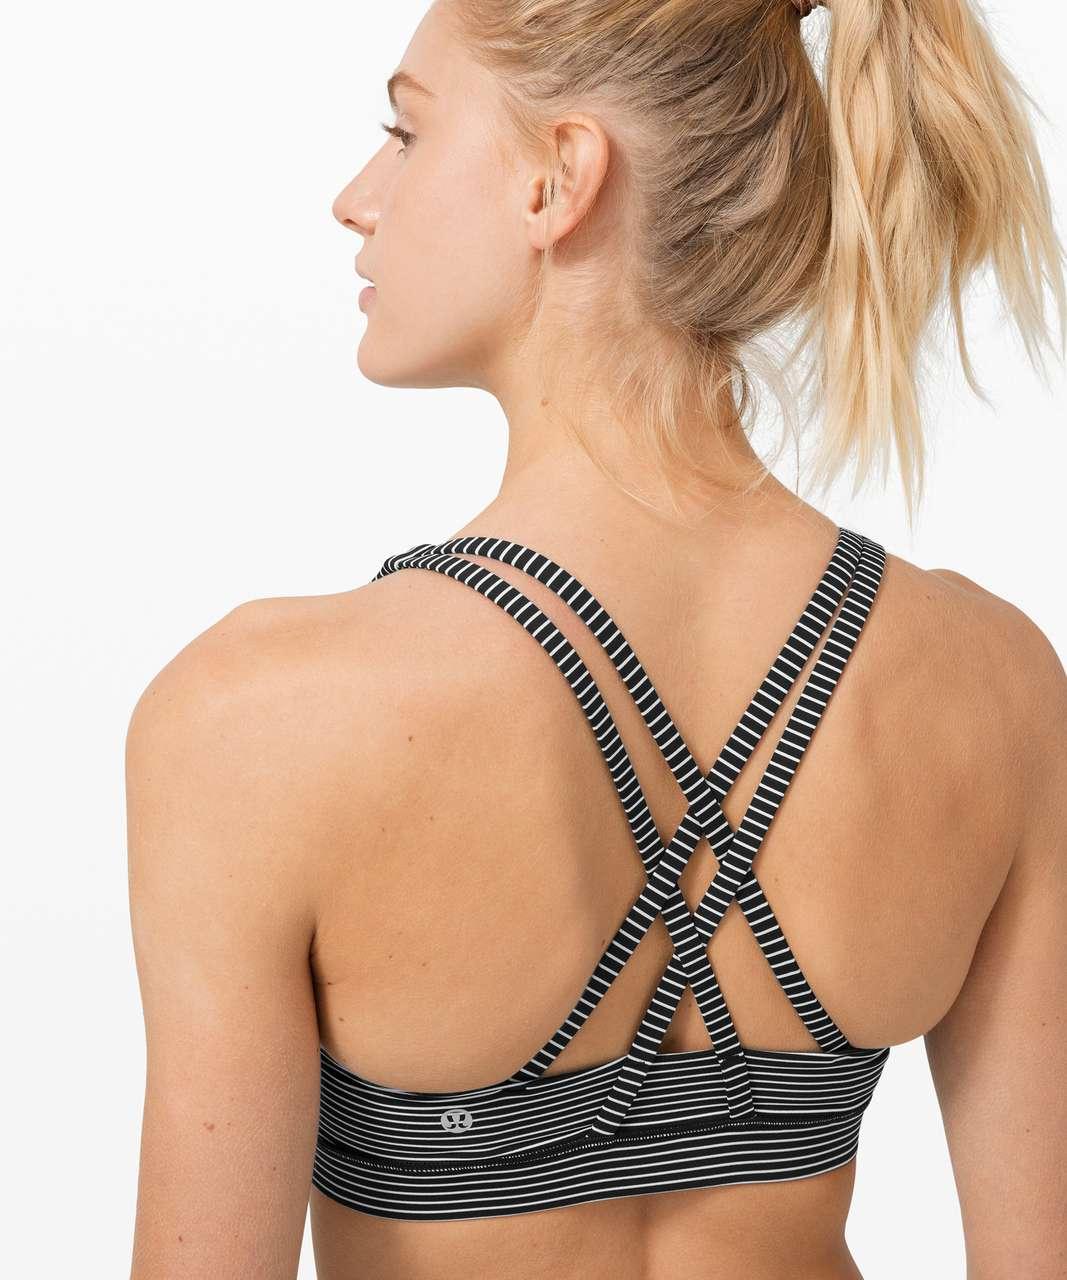 Lululemon Energy Bra *Medium Support, B–D Cup - Hype Stripe Black White